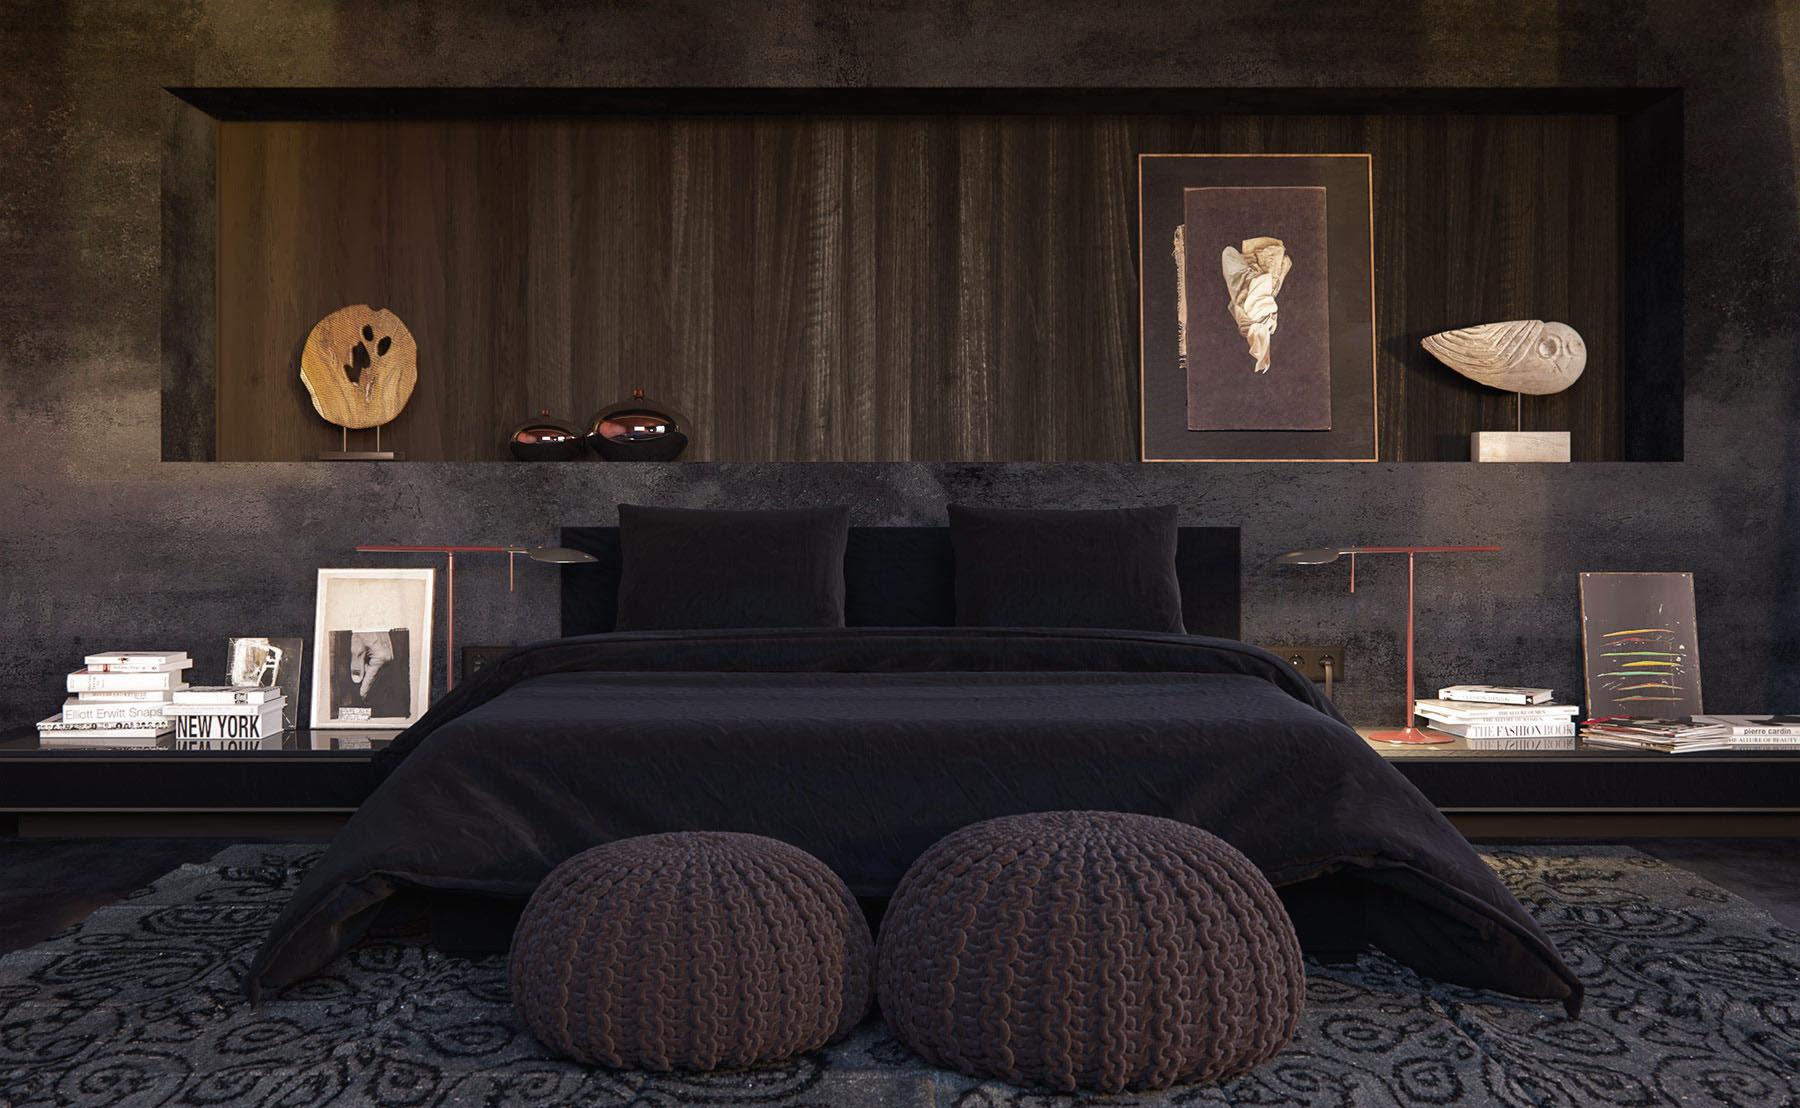 Inspirasi Kamar Tidur Warna Gelap Yang Menenangkan Wah Tidur Jadi Makin Pulas Desain kamar warna hitam